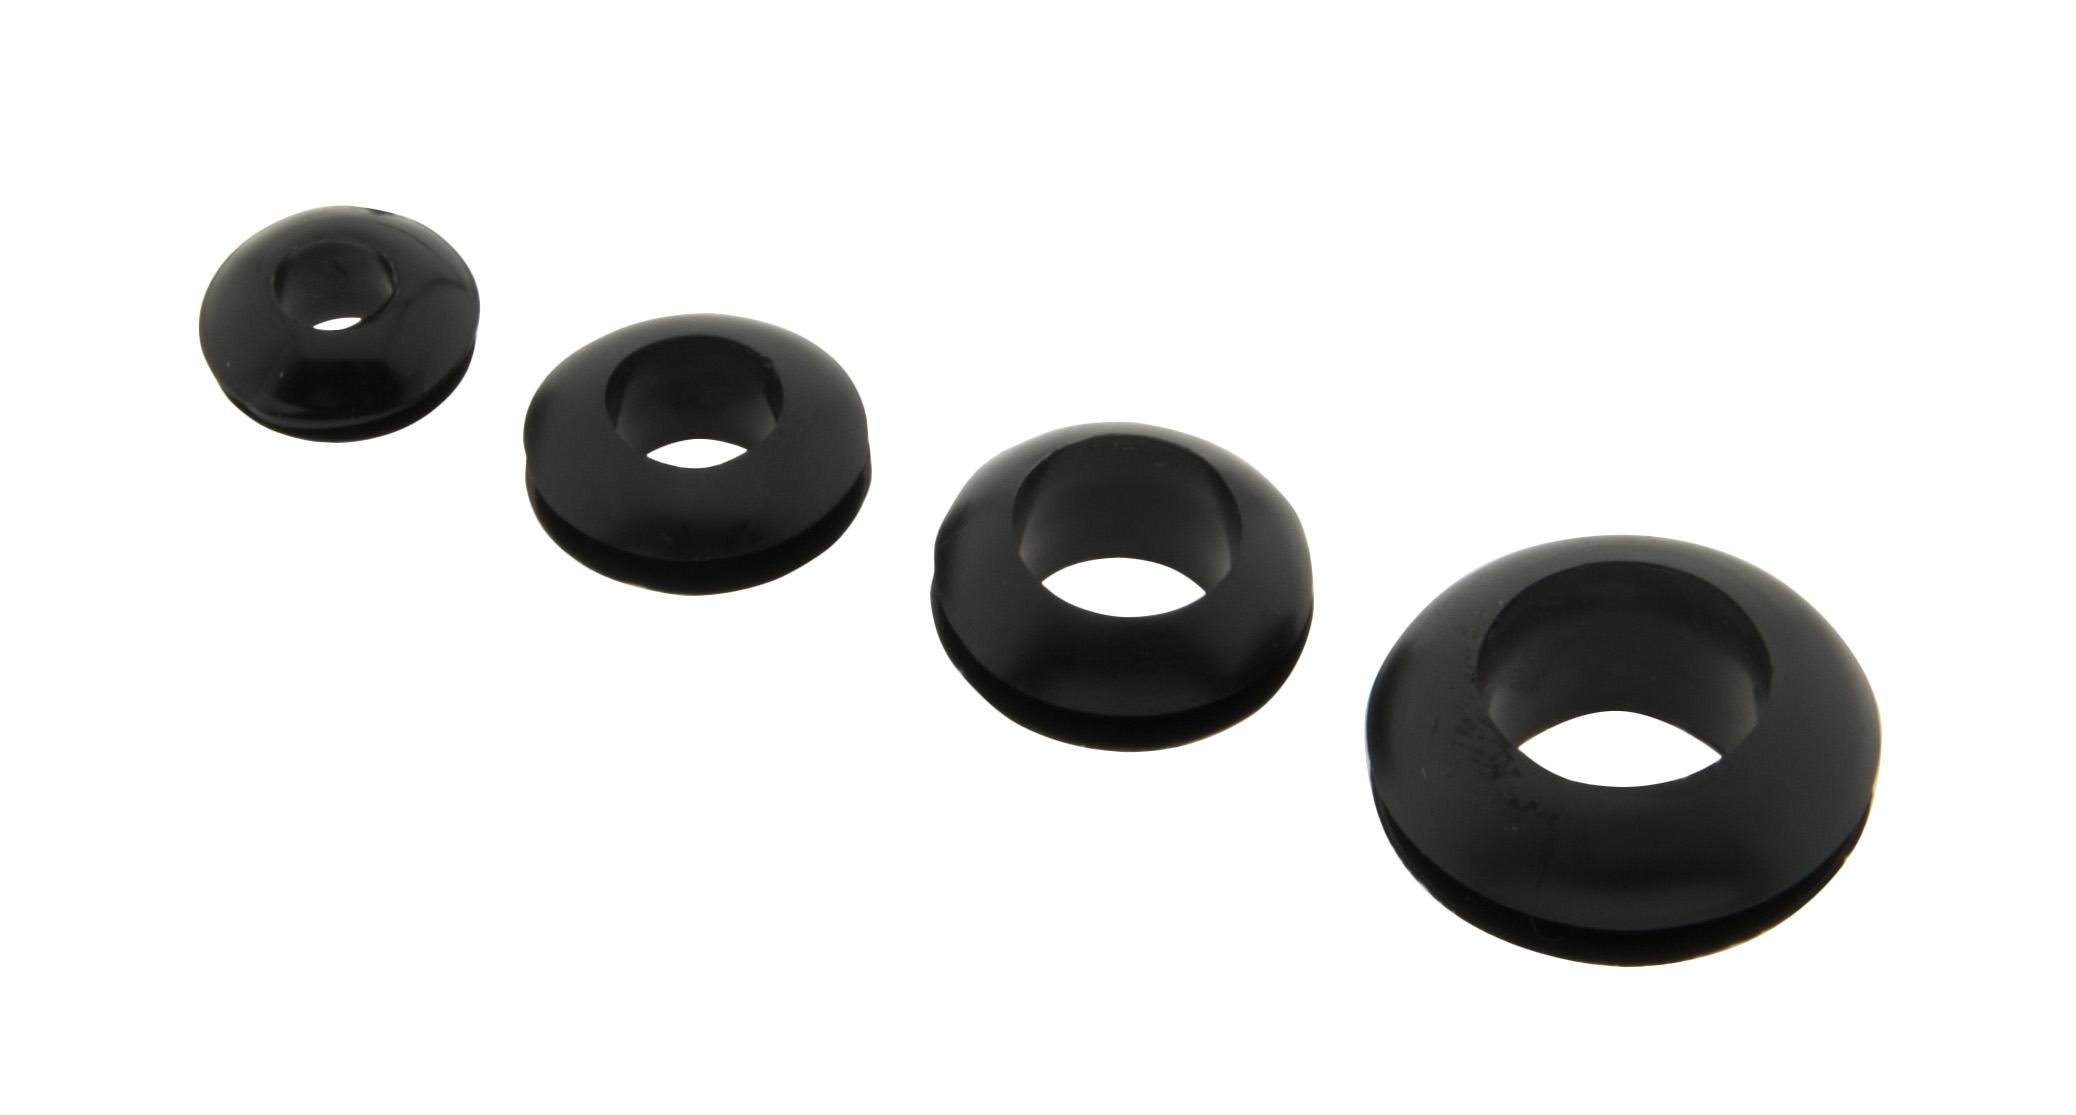 1 Stk Gummi Kabeldurchführung schwarz Montageloch 14mm Innen 12mm LIZU021014